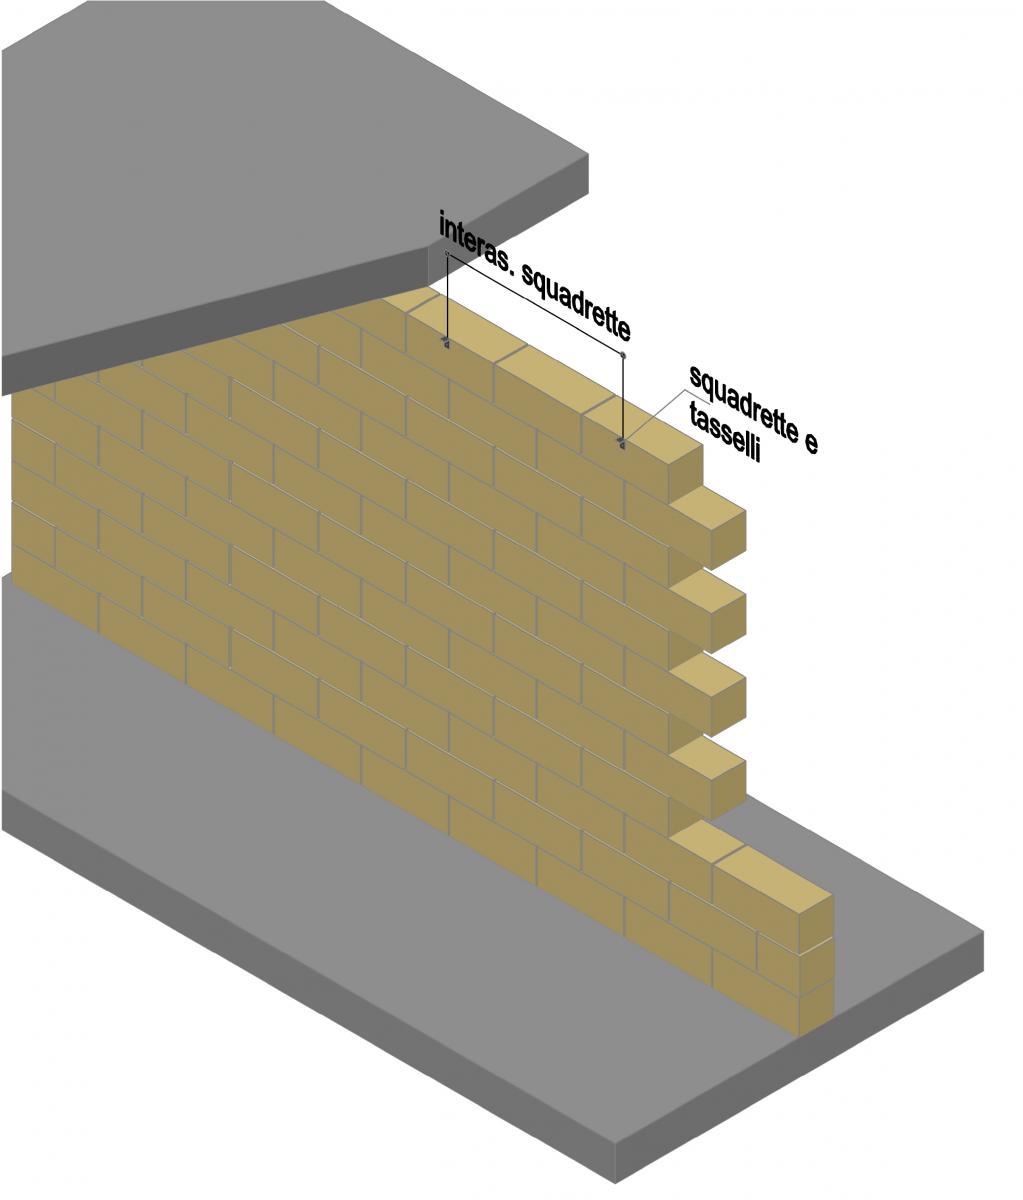 Muri divisori interni equilibrium bioedilizia - Spessore muri interni ...